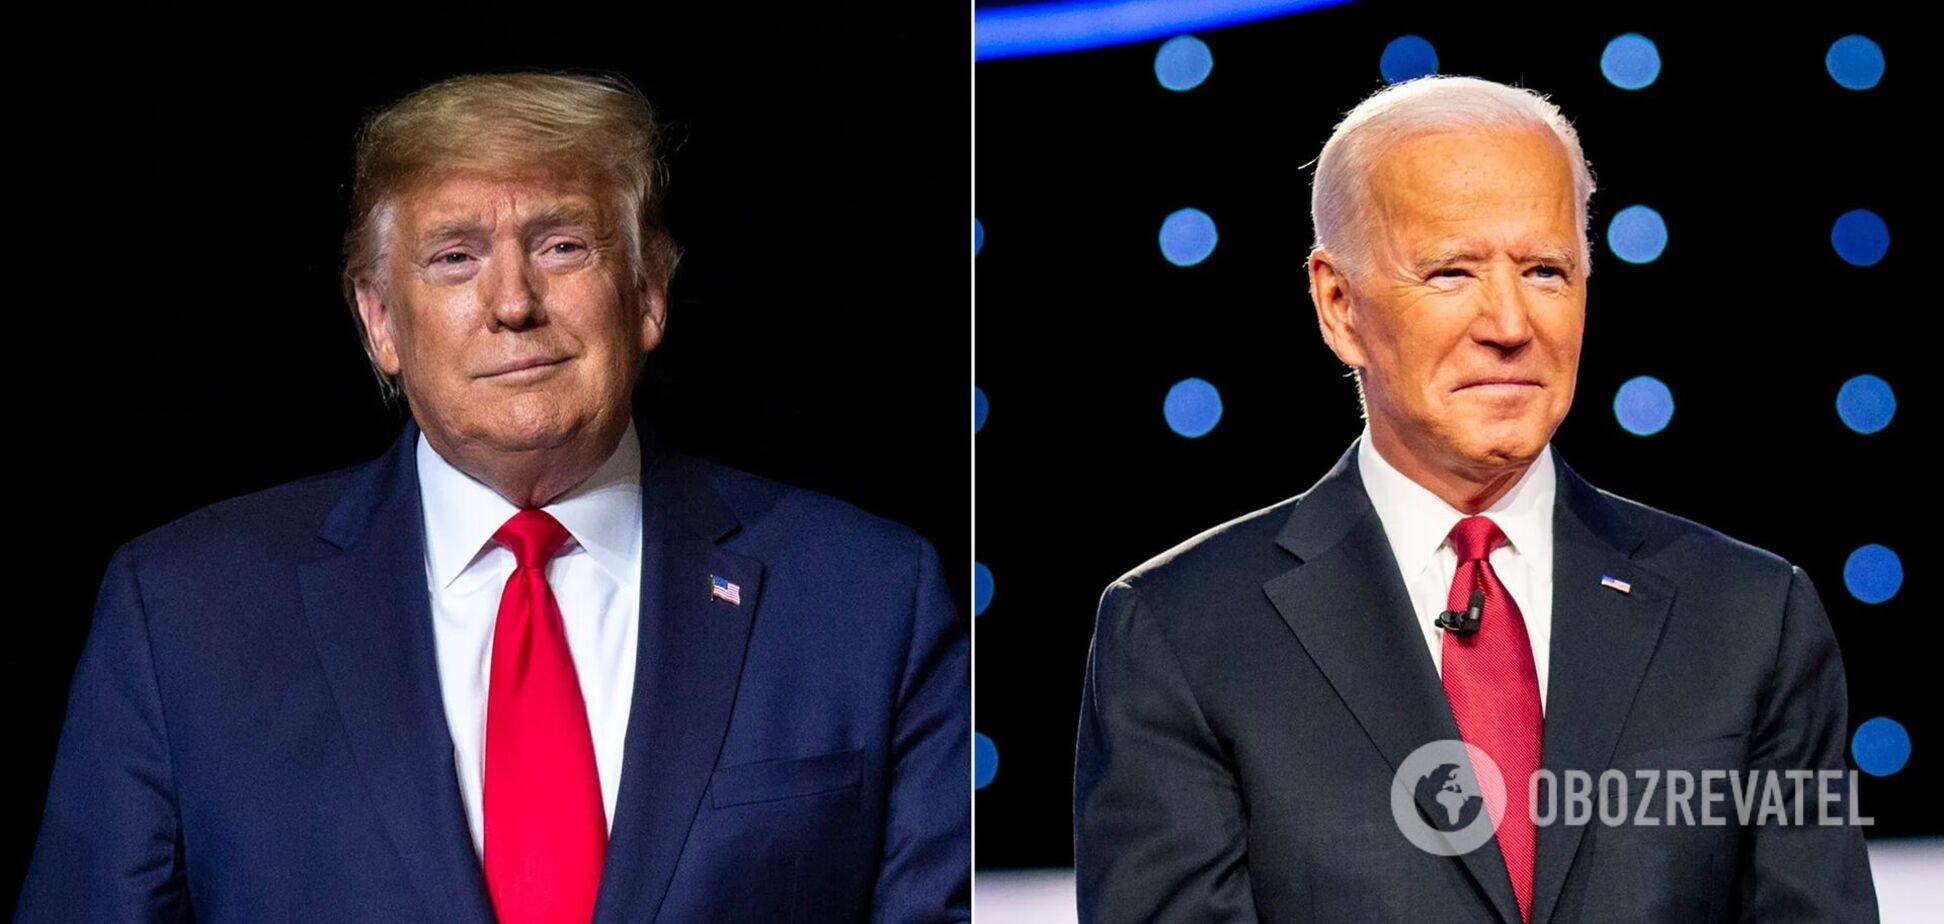 З'явилися перші результати голосування за Дональда Трампа і Джо Байдена